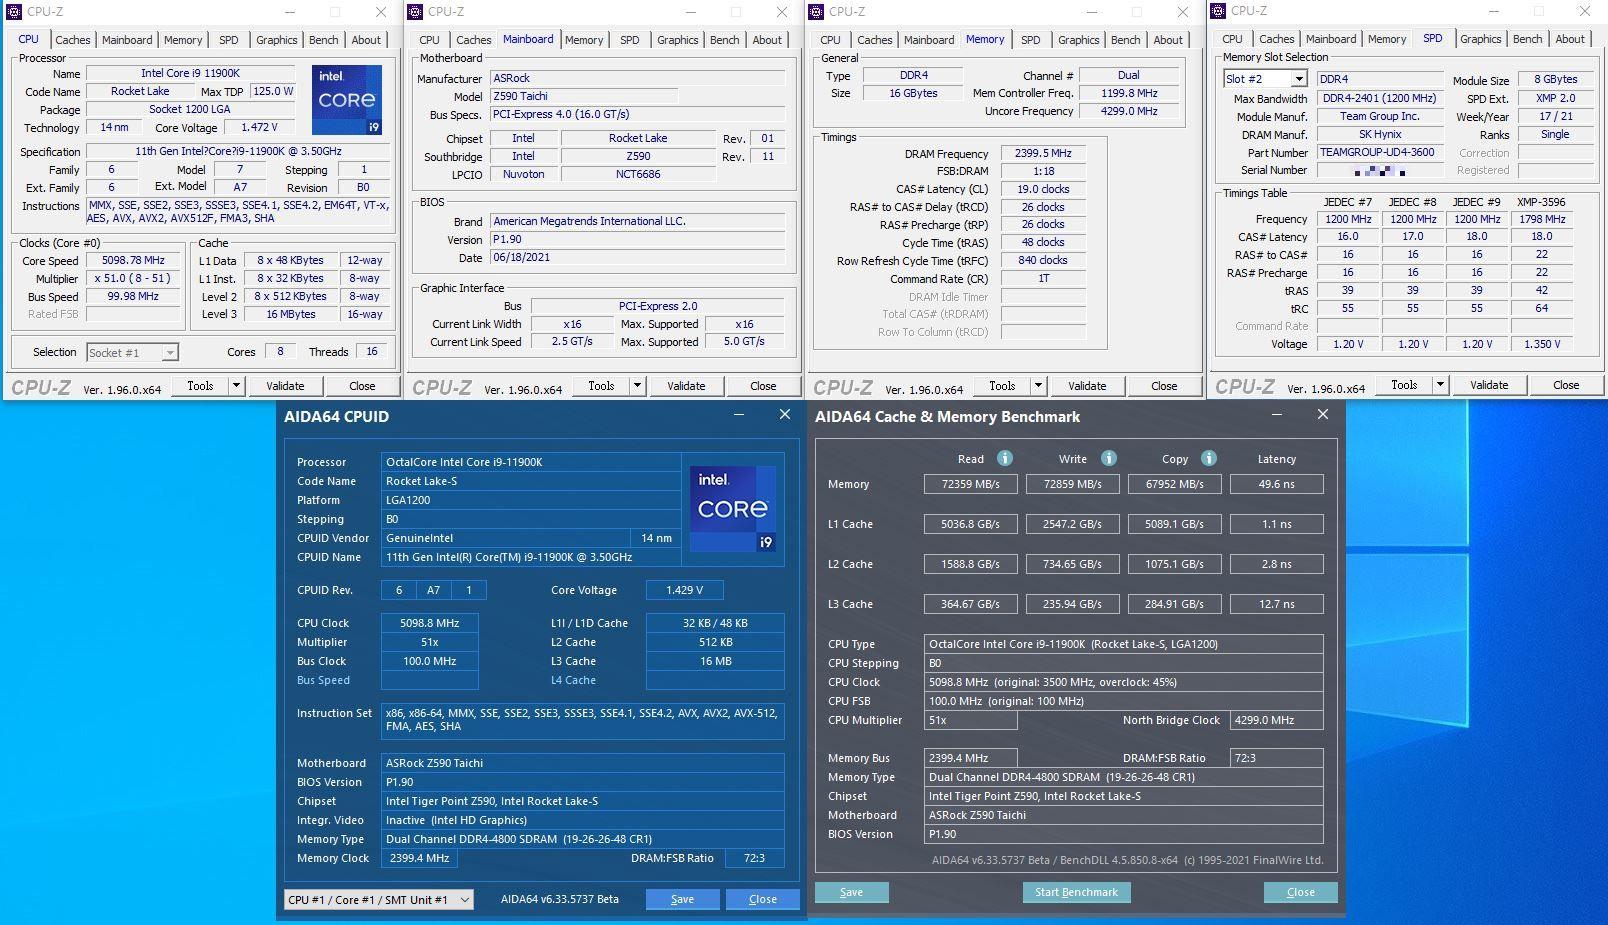 十銓T-FORCE XTREEM ARGB DDR4-3600 White Edition超頻記憶體-超美雪...7070